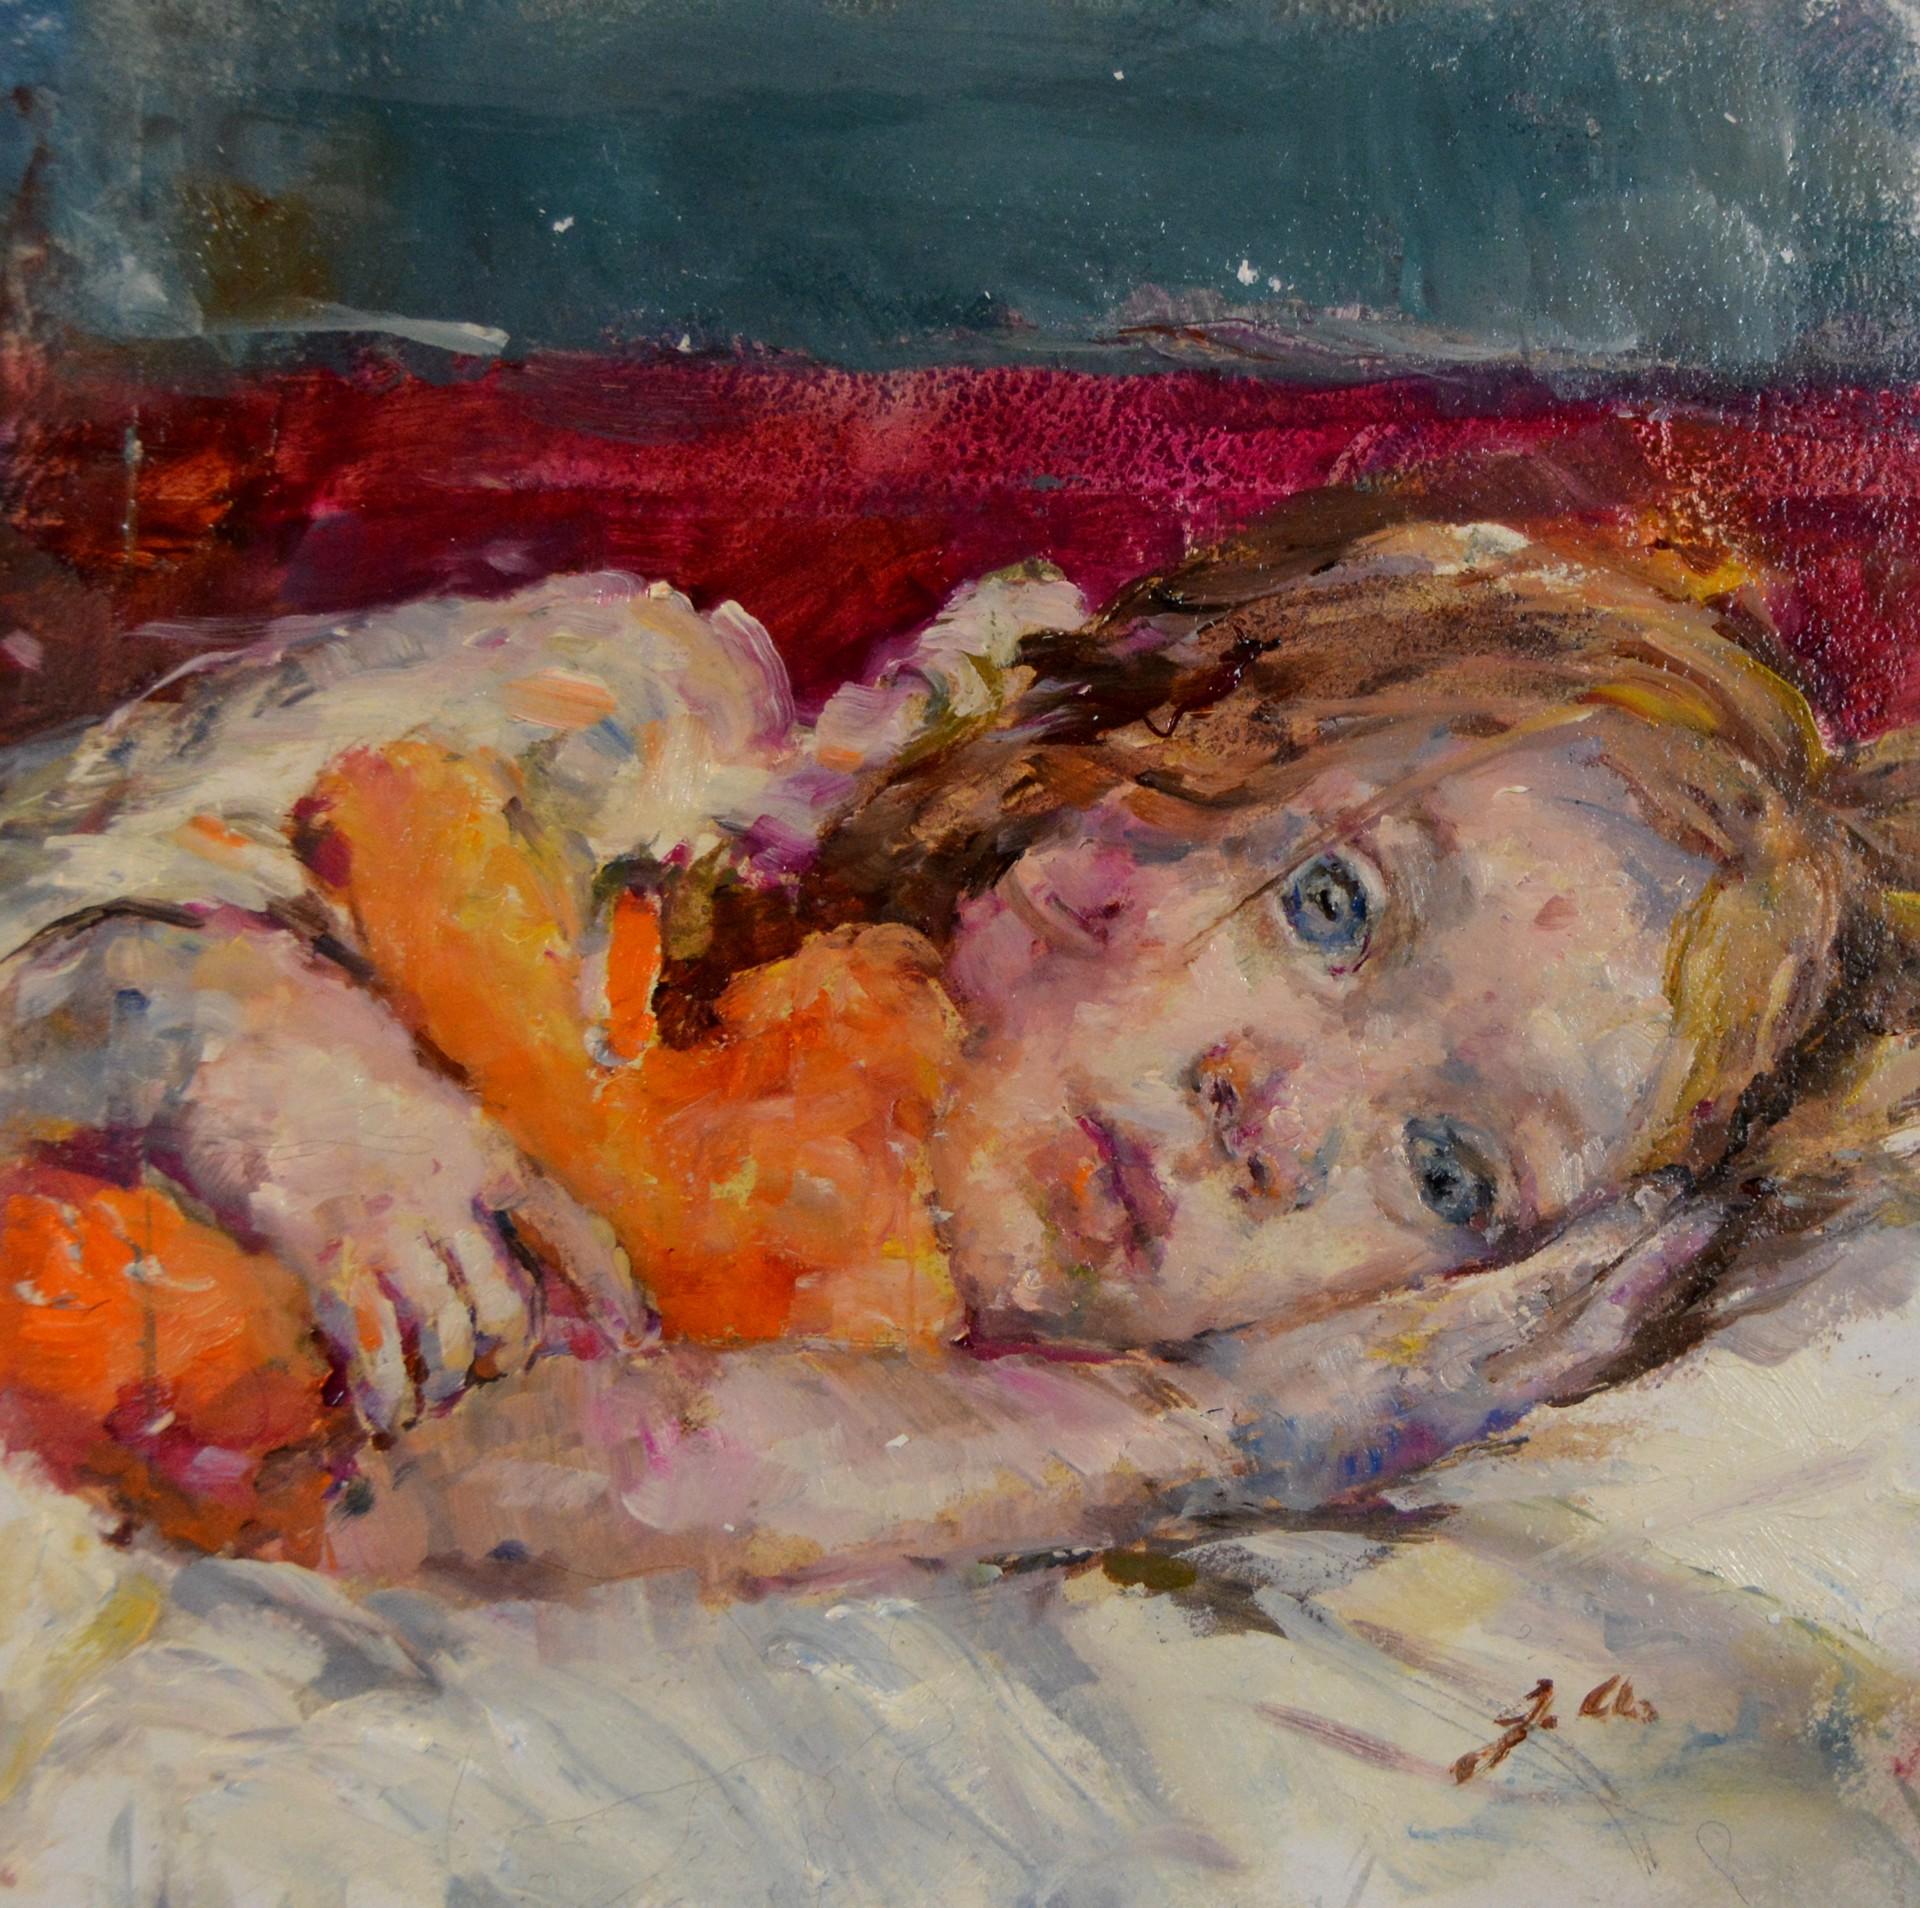 Cradle Song by Jaclyn Alderete